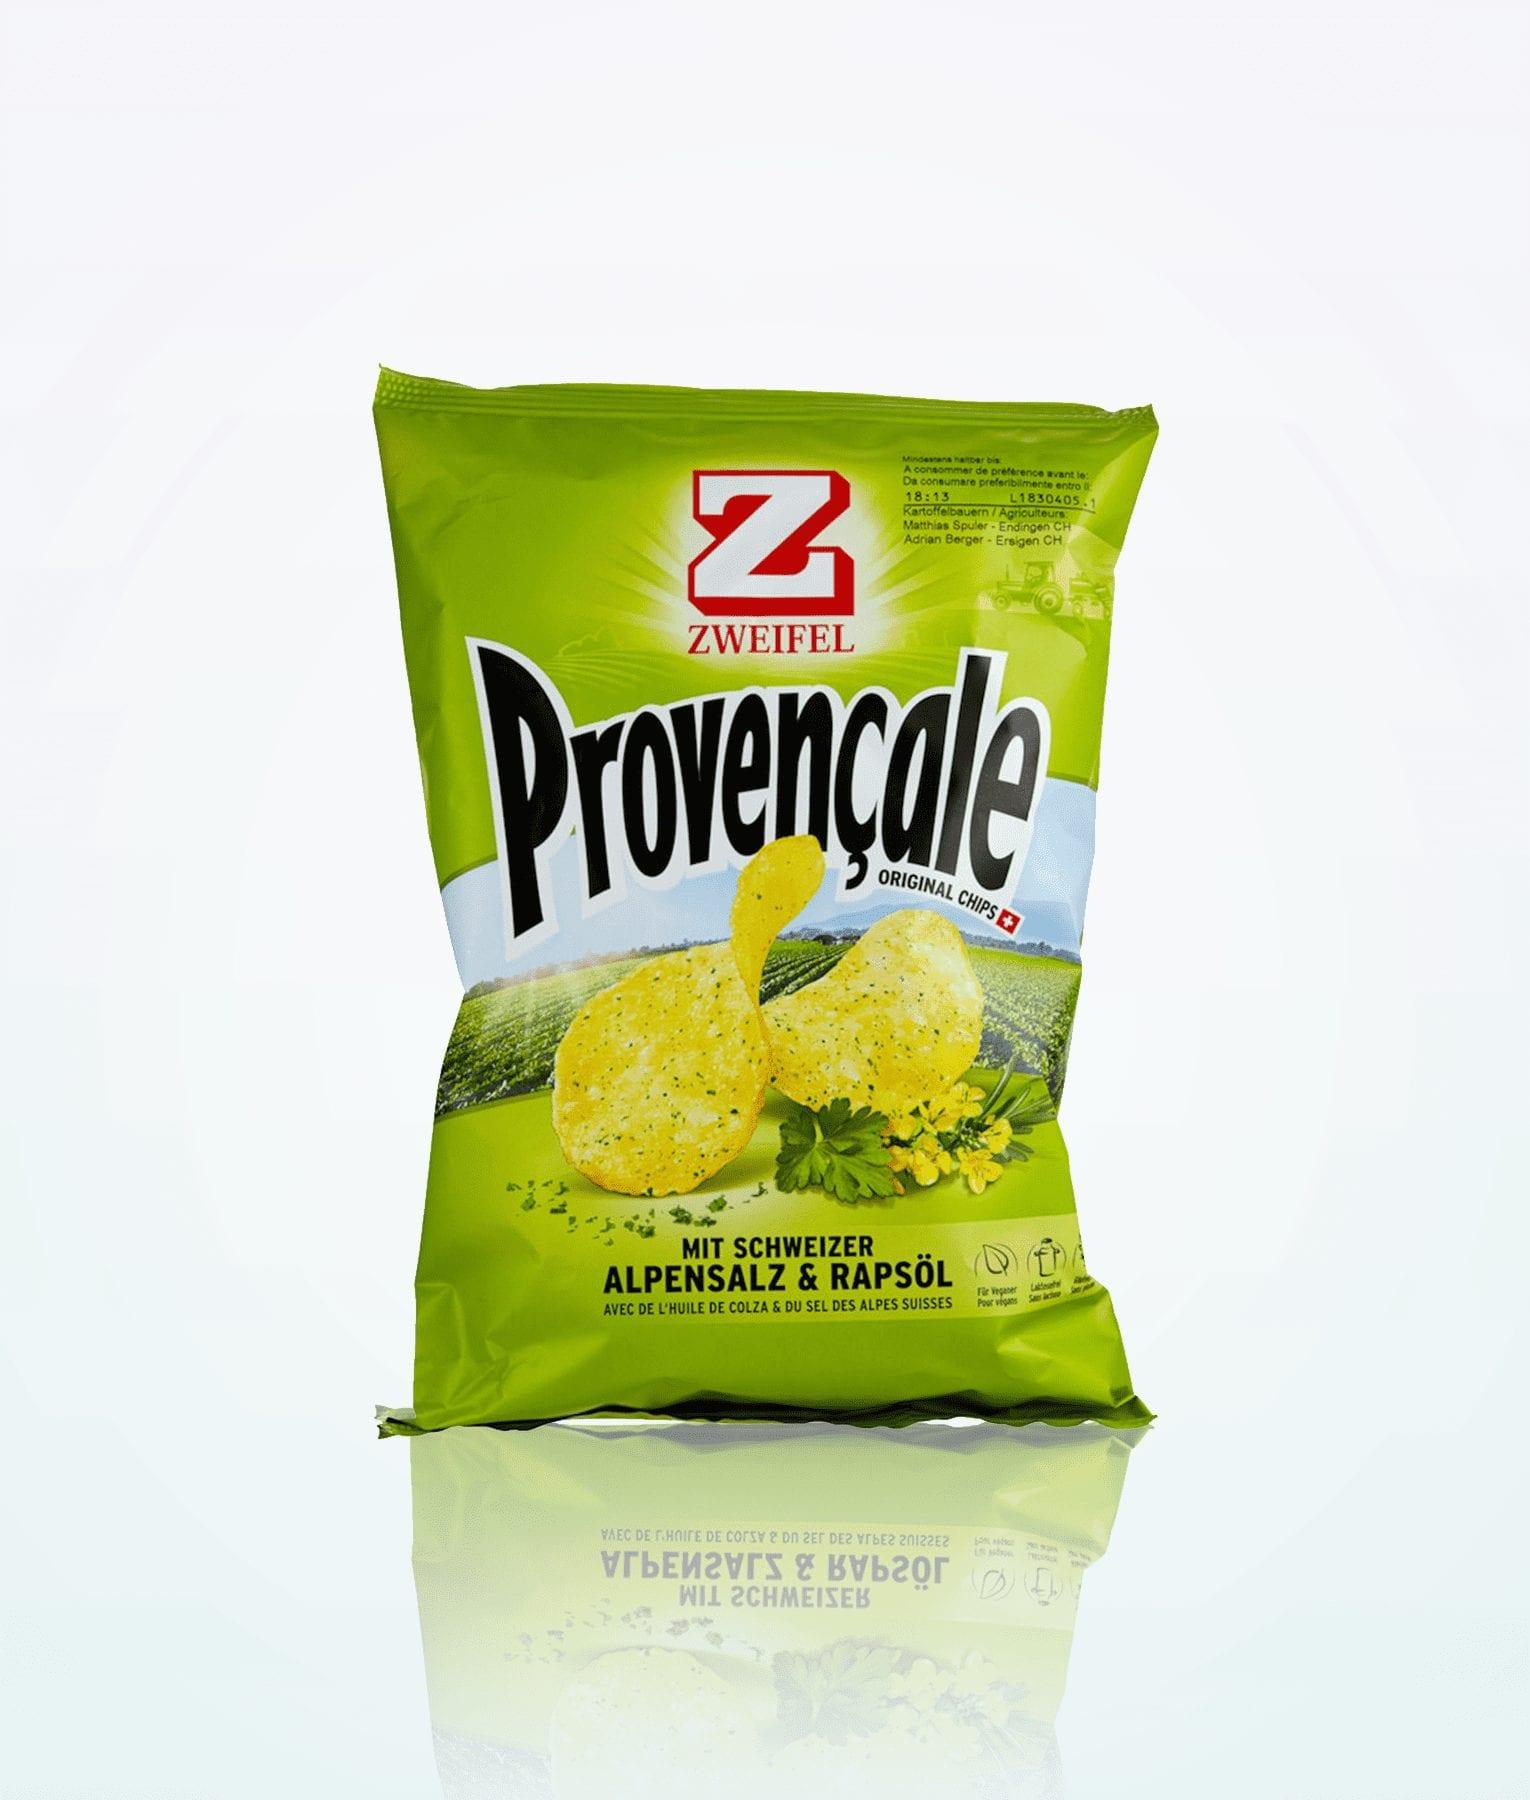 zweifel-provencale-chips-90g